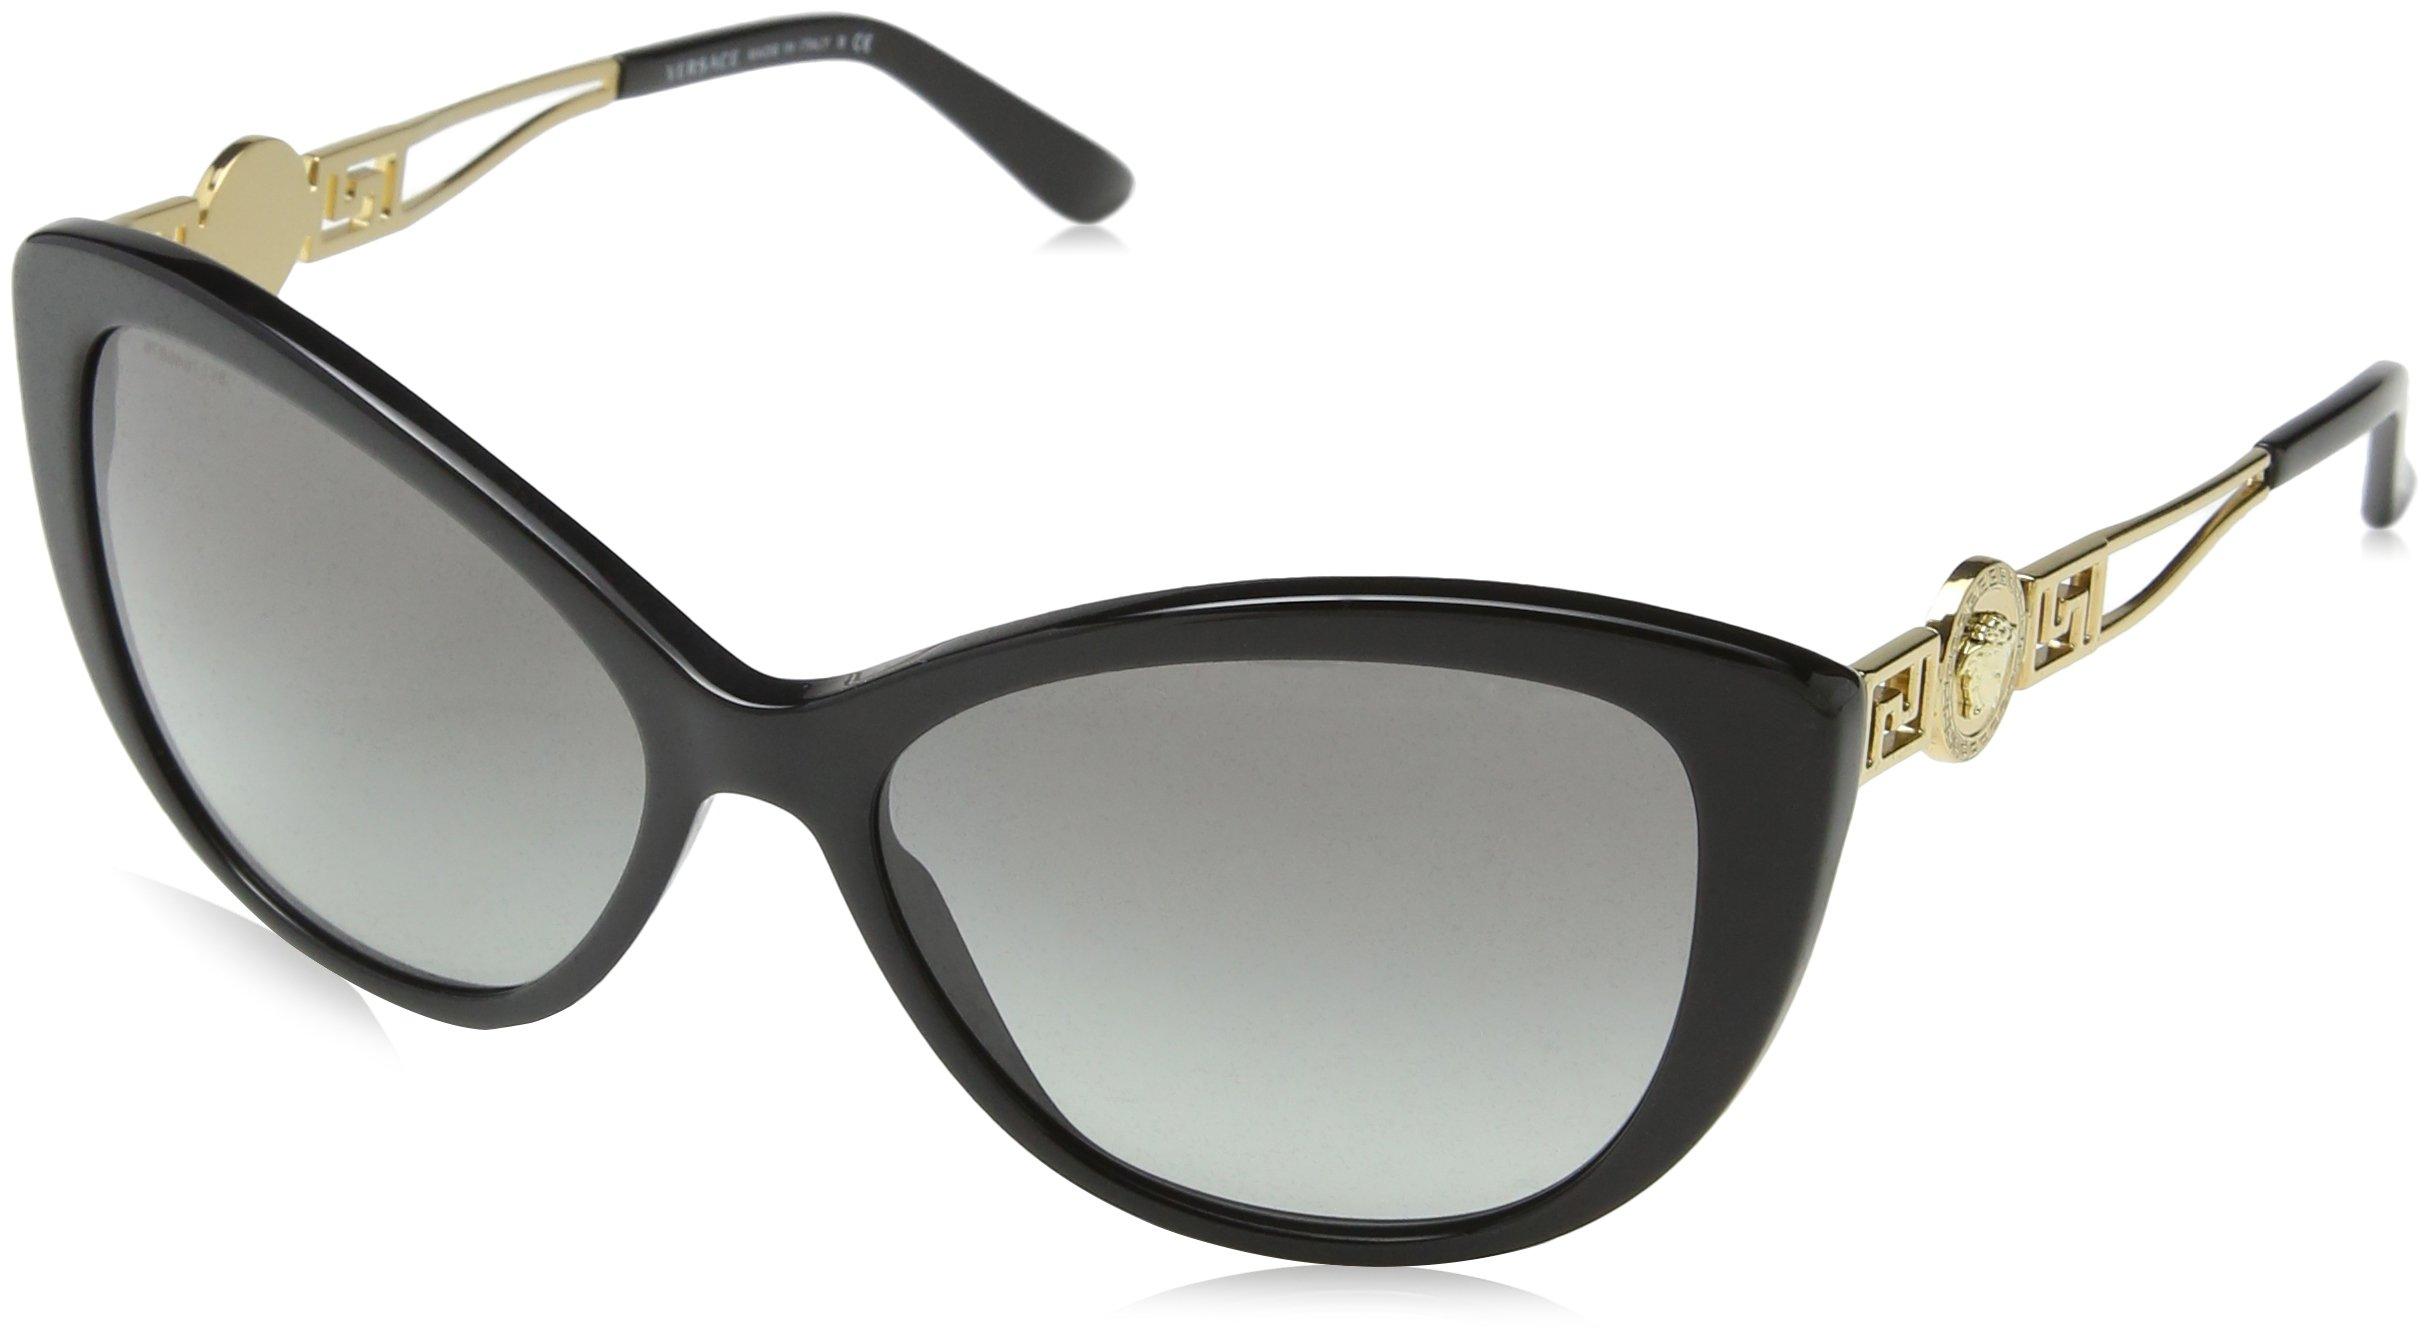 Versace Women's VE4295 Sunglasses Black / Gray Gradient 57mm